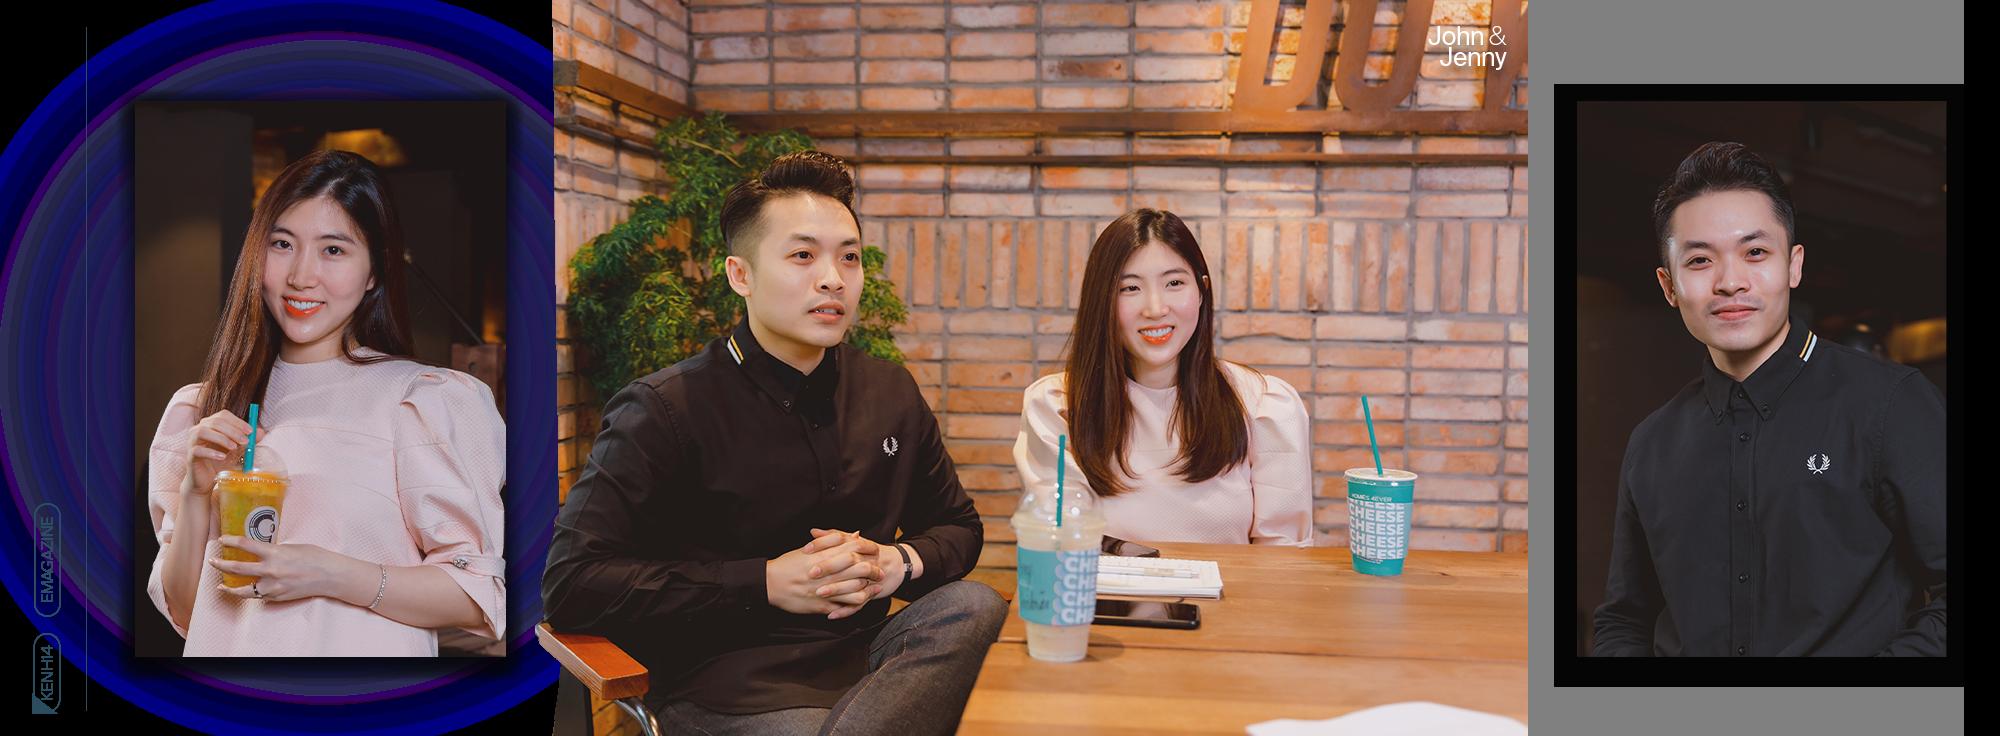 Chẳng ai ngờ một thương hiệu cafe trendy ở Sài Gòn lại đến từ 2 founder tay ngang - Ảnh 10.